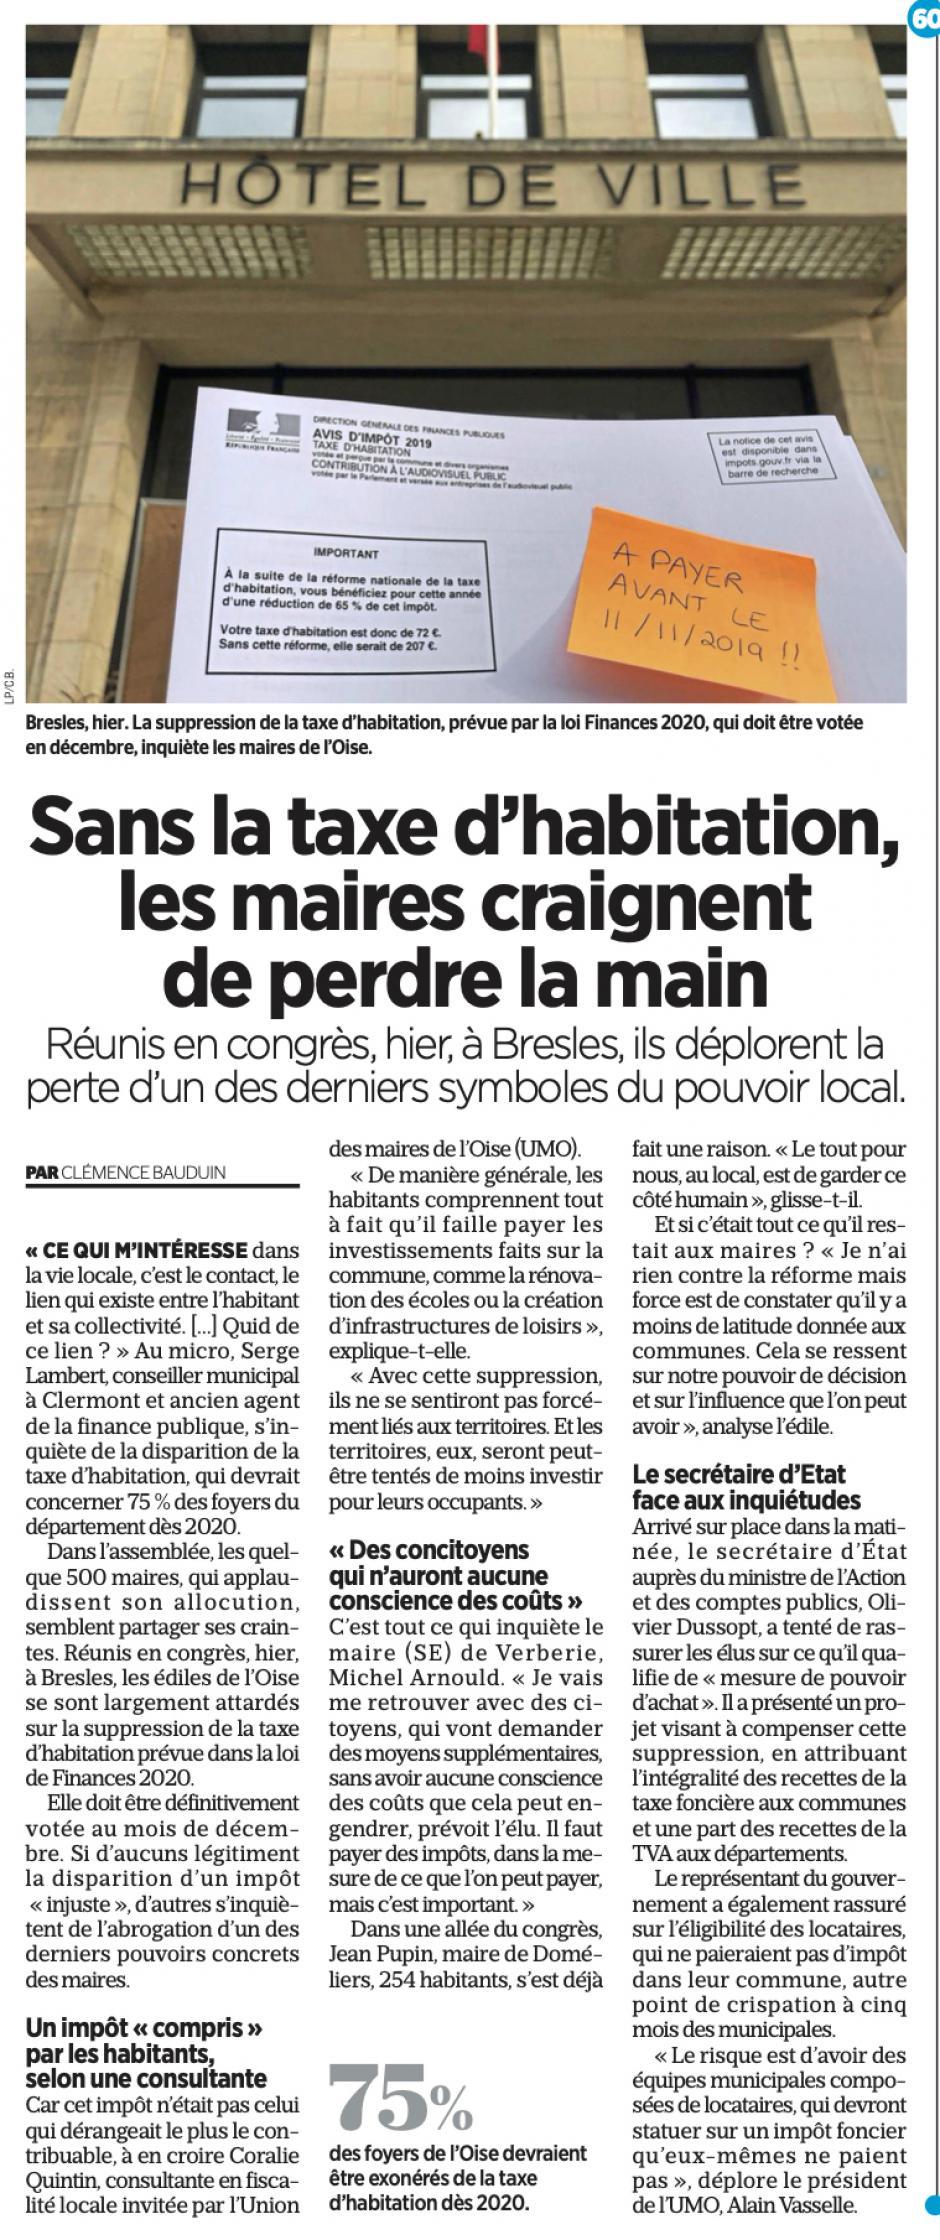 20191020-LeP-Bresles-Sans la taxe d'habitation, les maires craignent de perdre la main